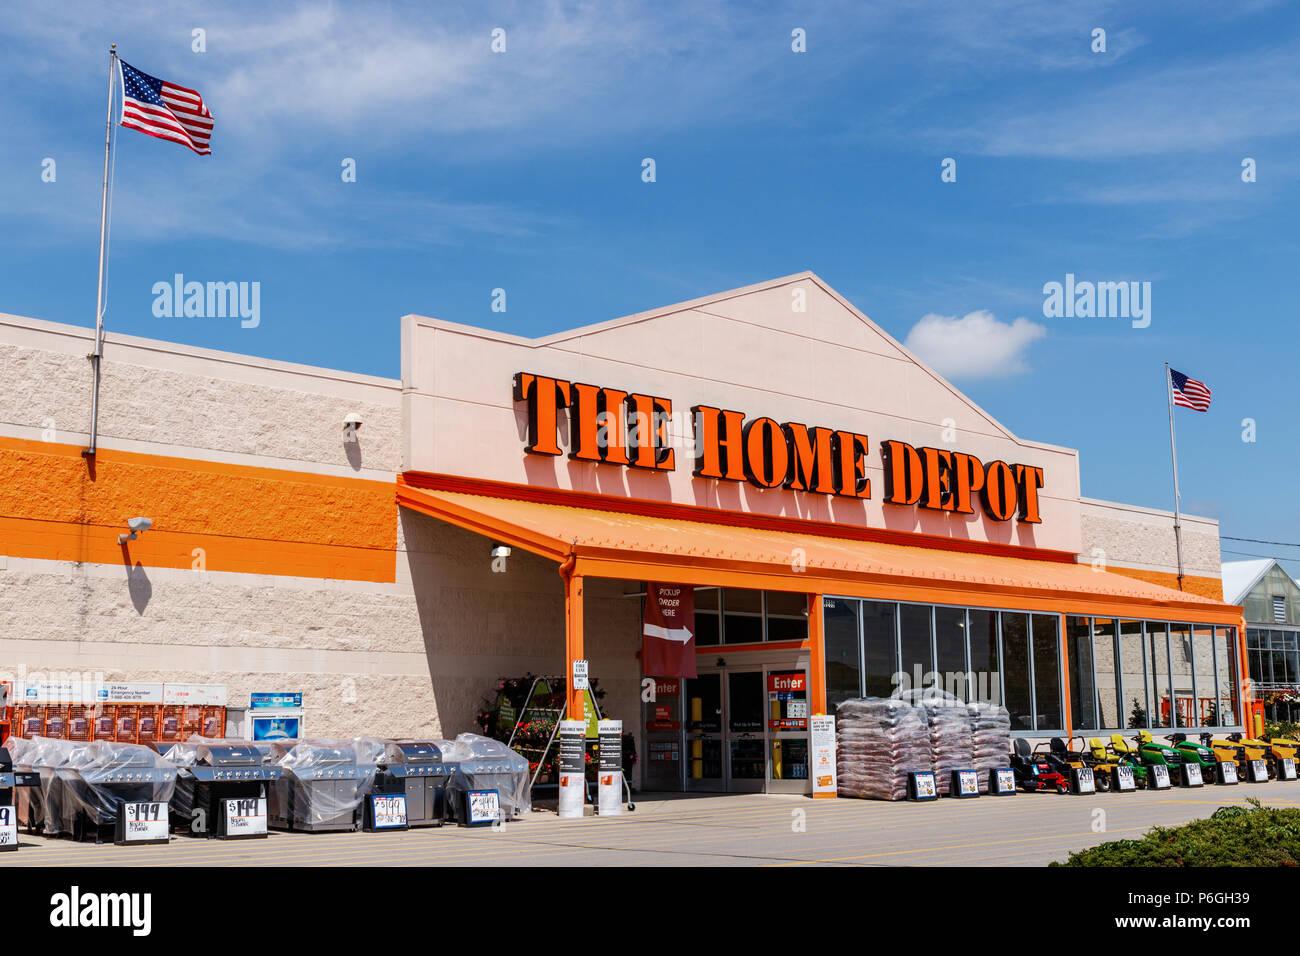 Ft Wayne Ca Juni 2018 Home Depot Ort Fliegen Die Amerikanische